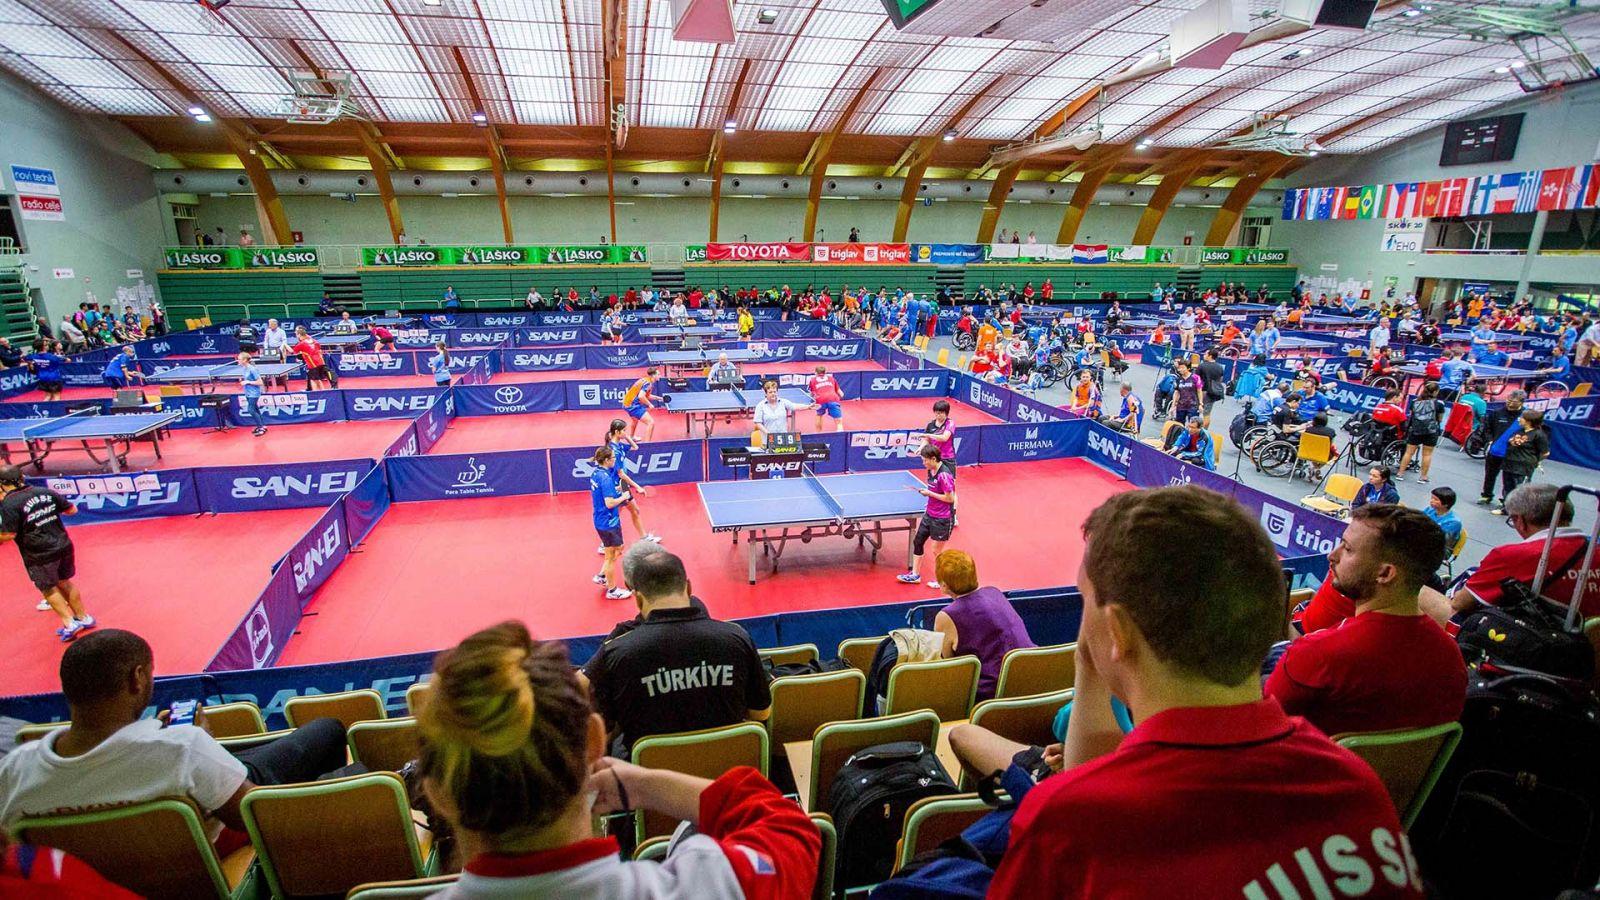 Сборная России по настольному теннису спорта лиц с ПОДА и ЛИН завоевала 4 золотые, 2 серебряные и 6 бронзовых наград на международных соревнованиях в Словении